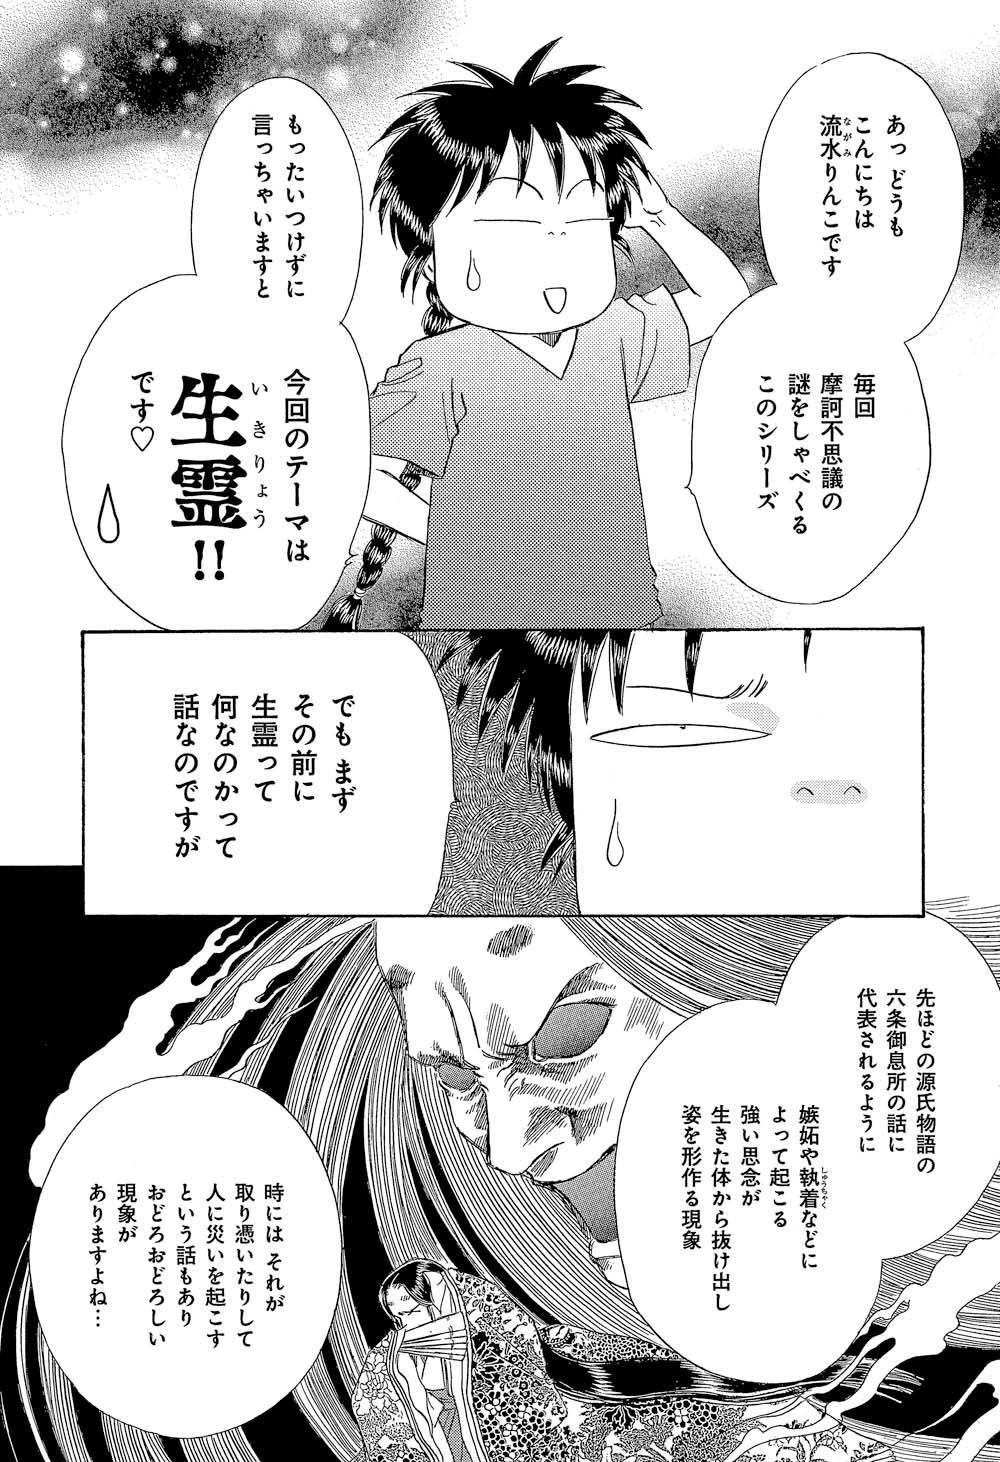 オカルト万華鏡01_079.jpg